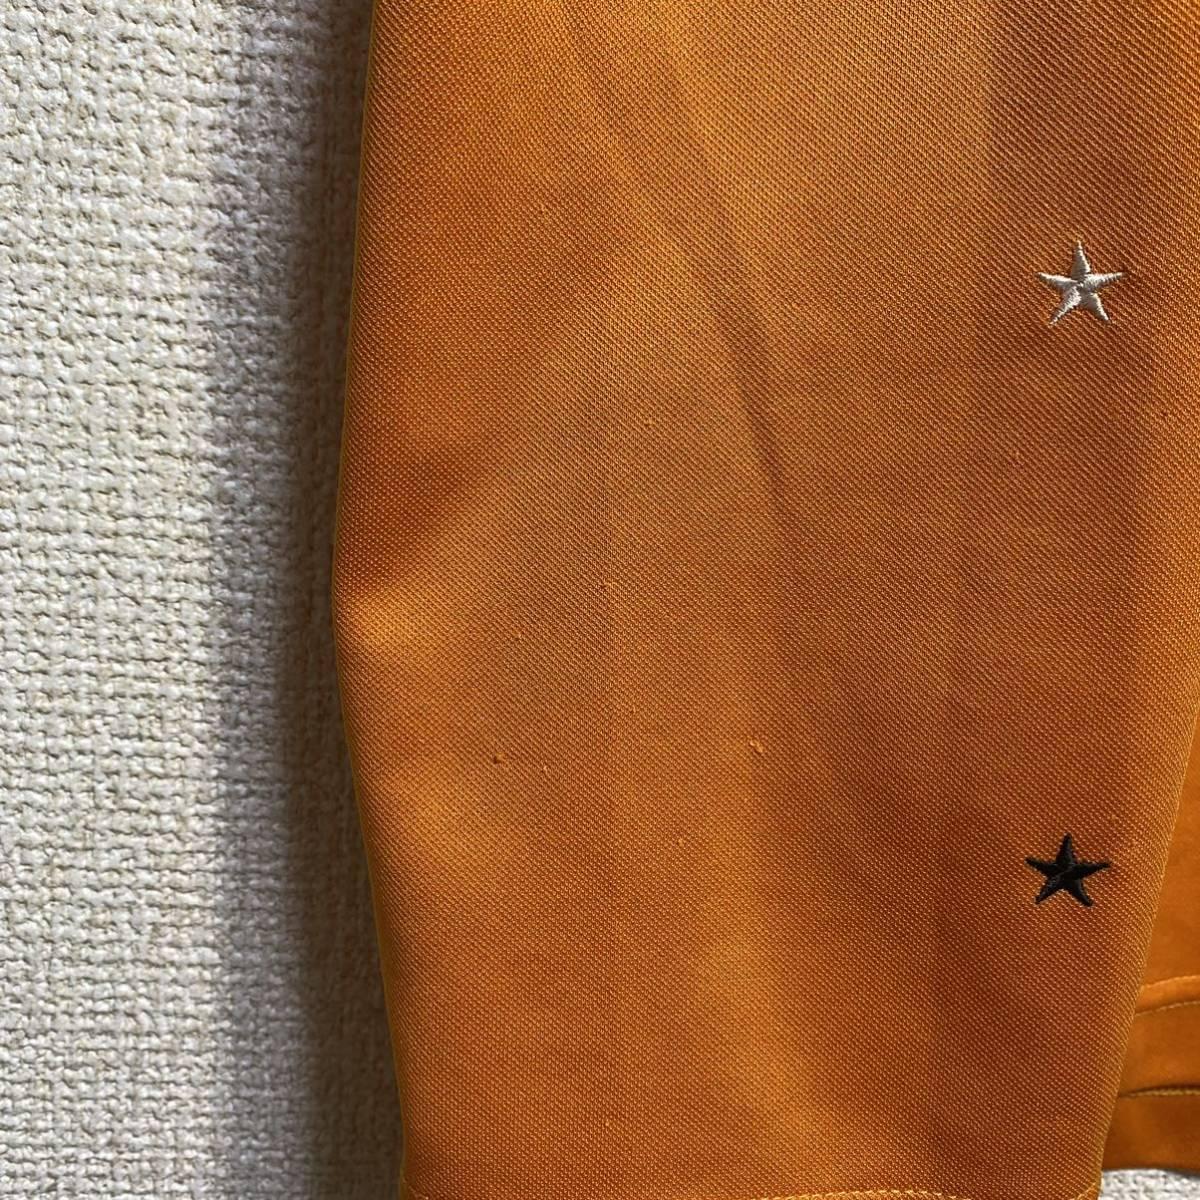 le coq sportif Golf ルコック ゴルフ 半袖ポロシャツ オレンジ メンズ L 迅速発送 送料無料!_画像8